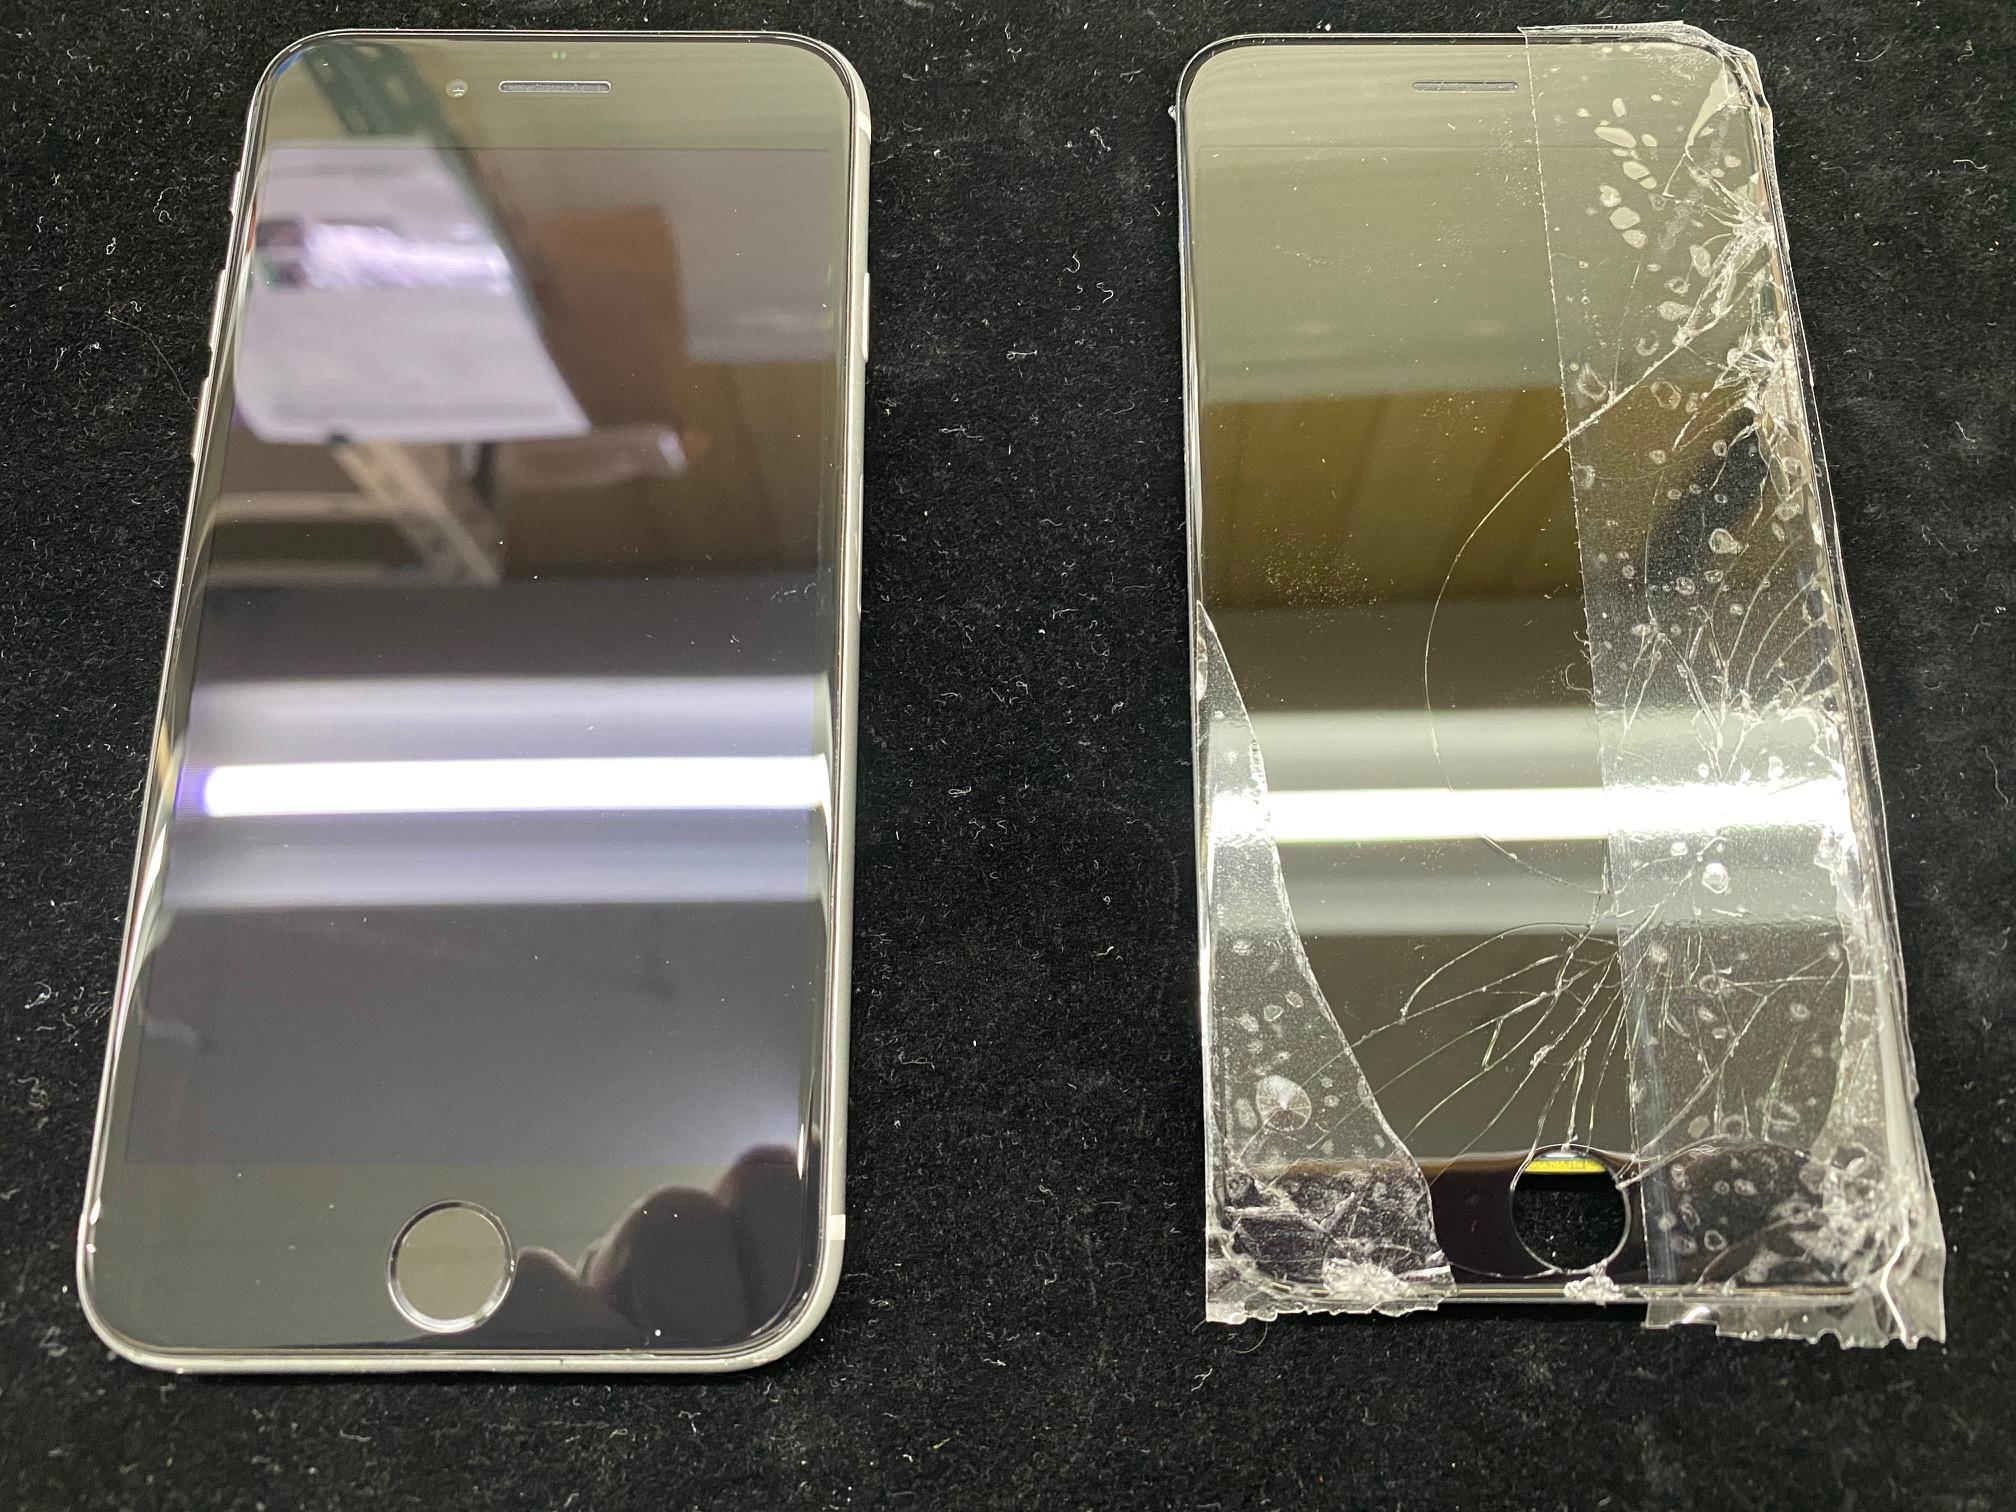 iPhoneSE2の画面ガラス割れ修理で松本市内からご来店頂きました